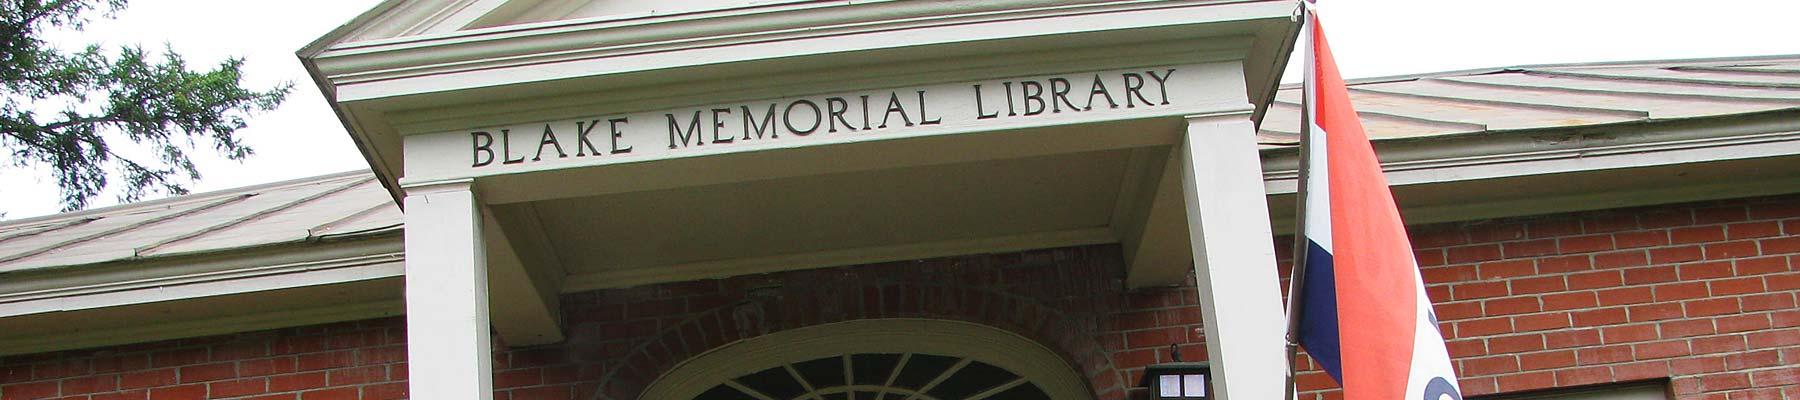 Blake Memorial Library entrance